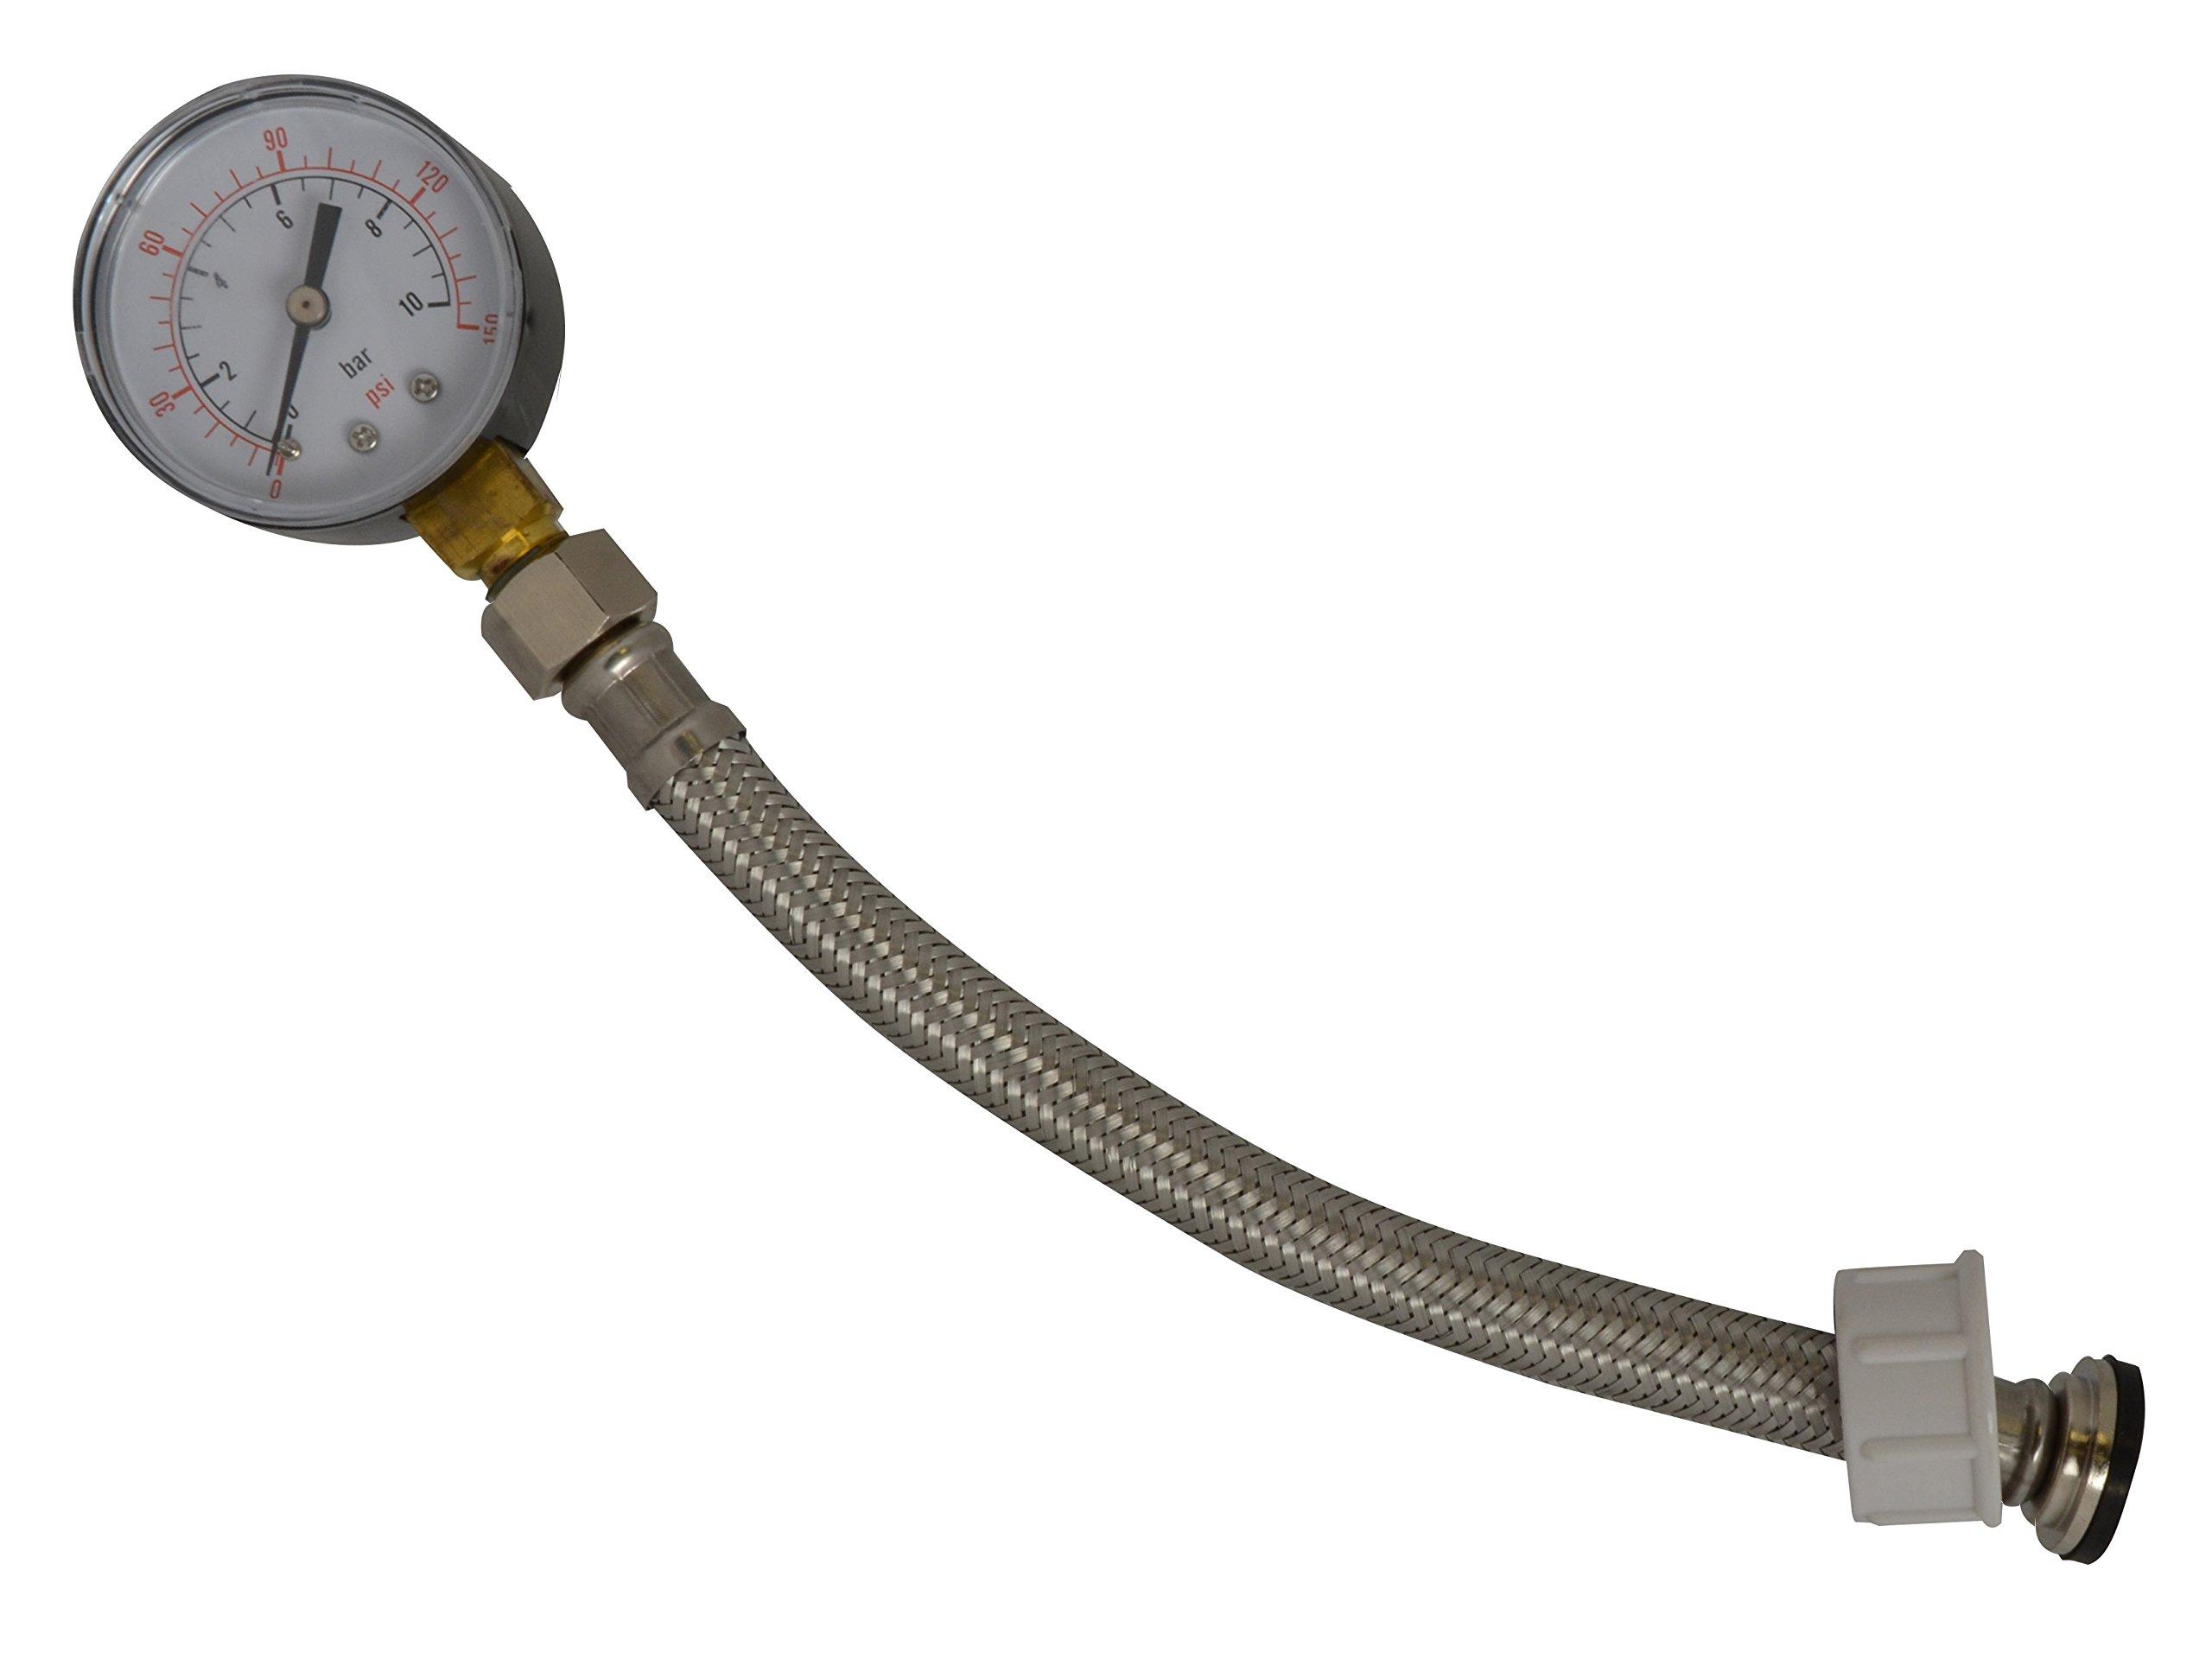 Dickie Dyer 884712 Water Pressure Gauge 3/4'' Bsp 0-11bar / 160psi - 11.091